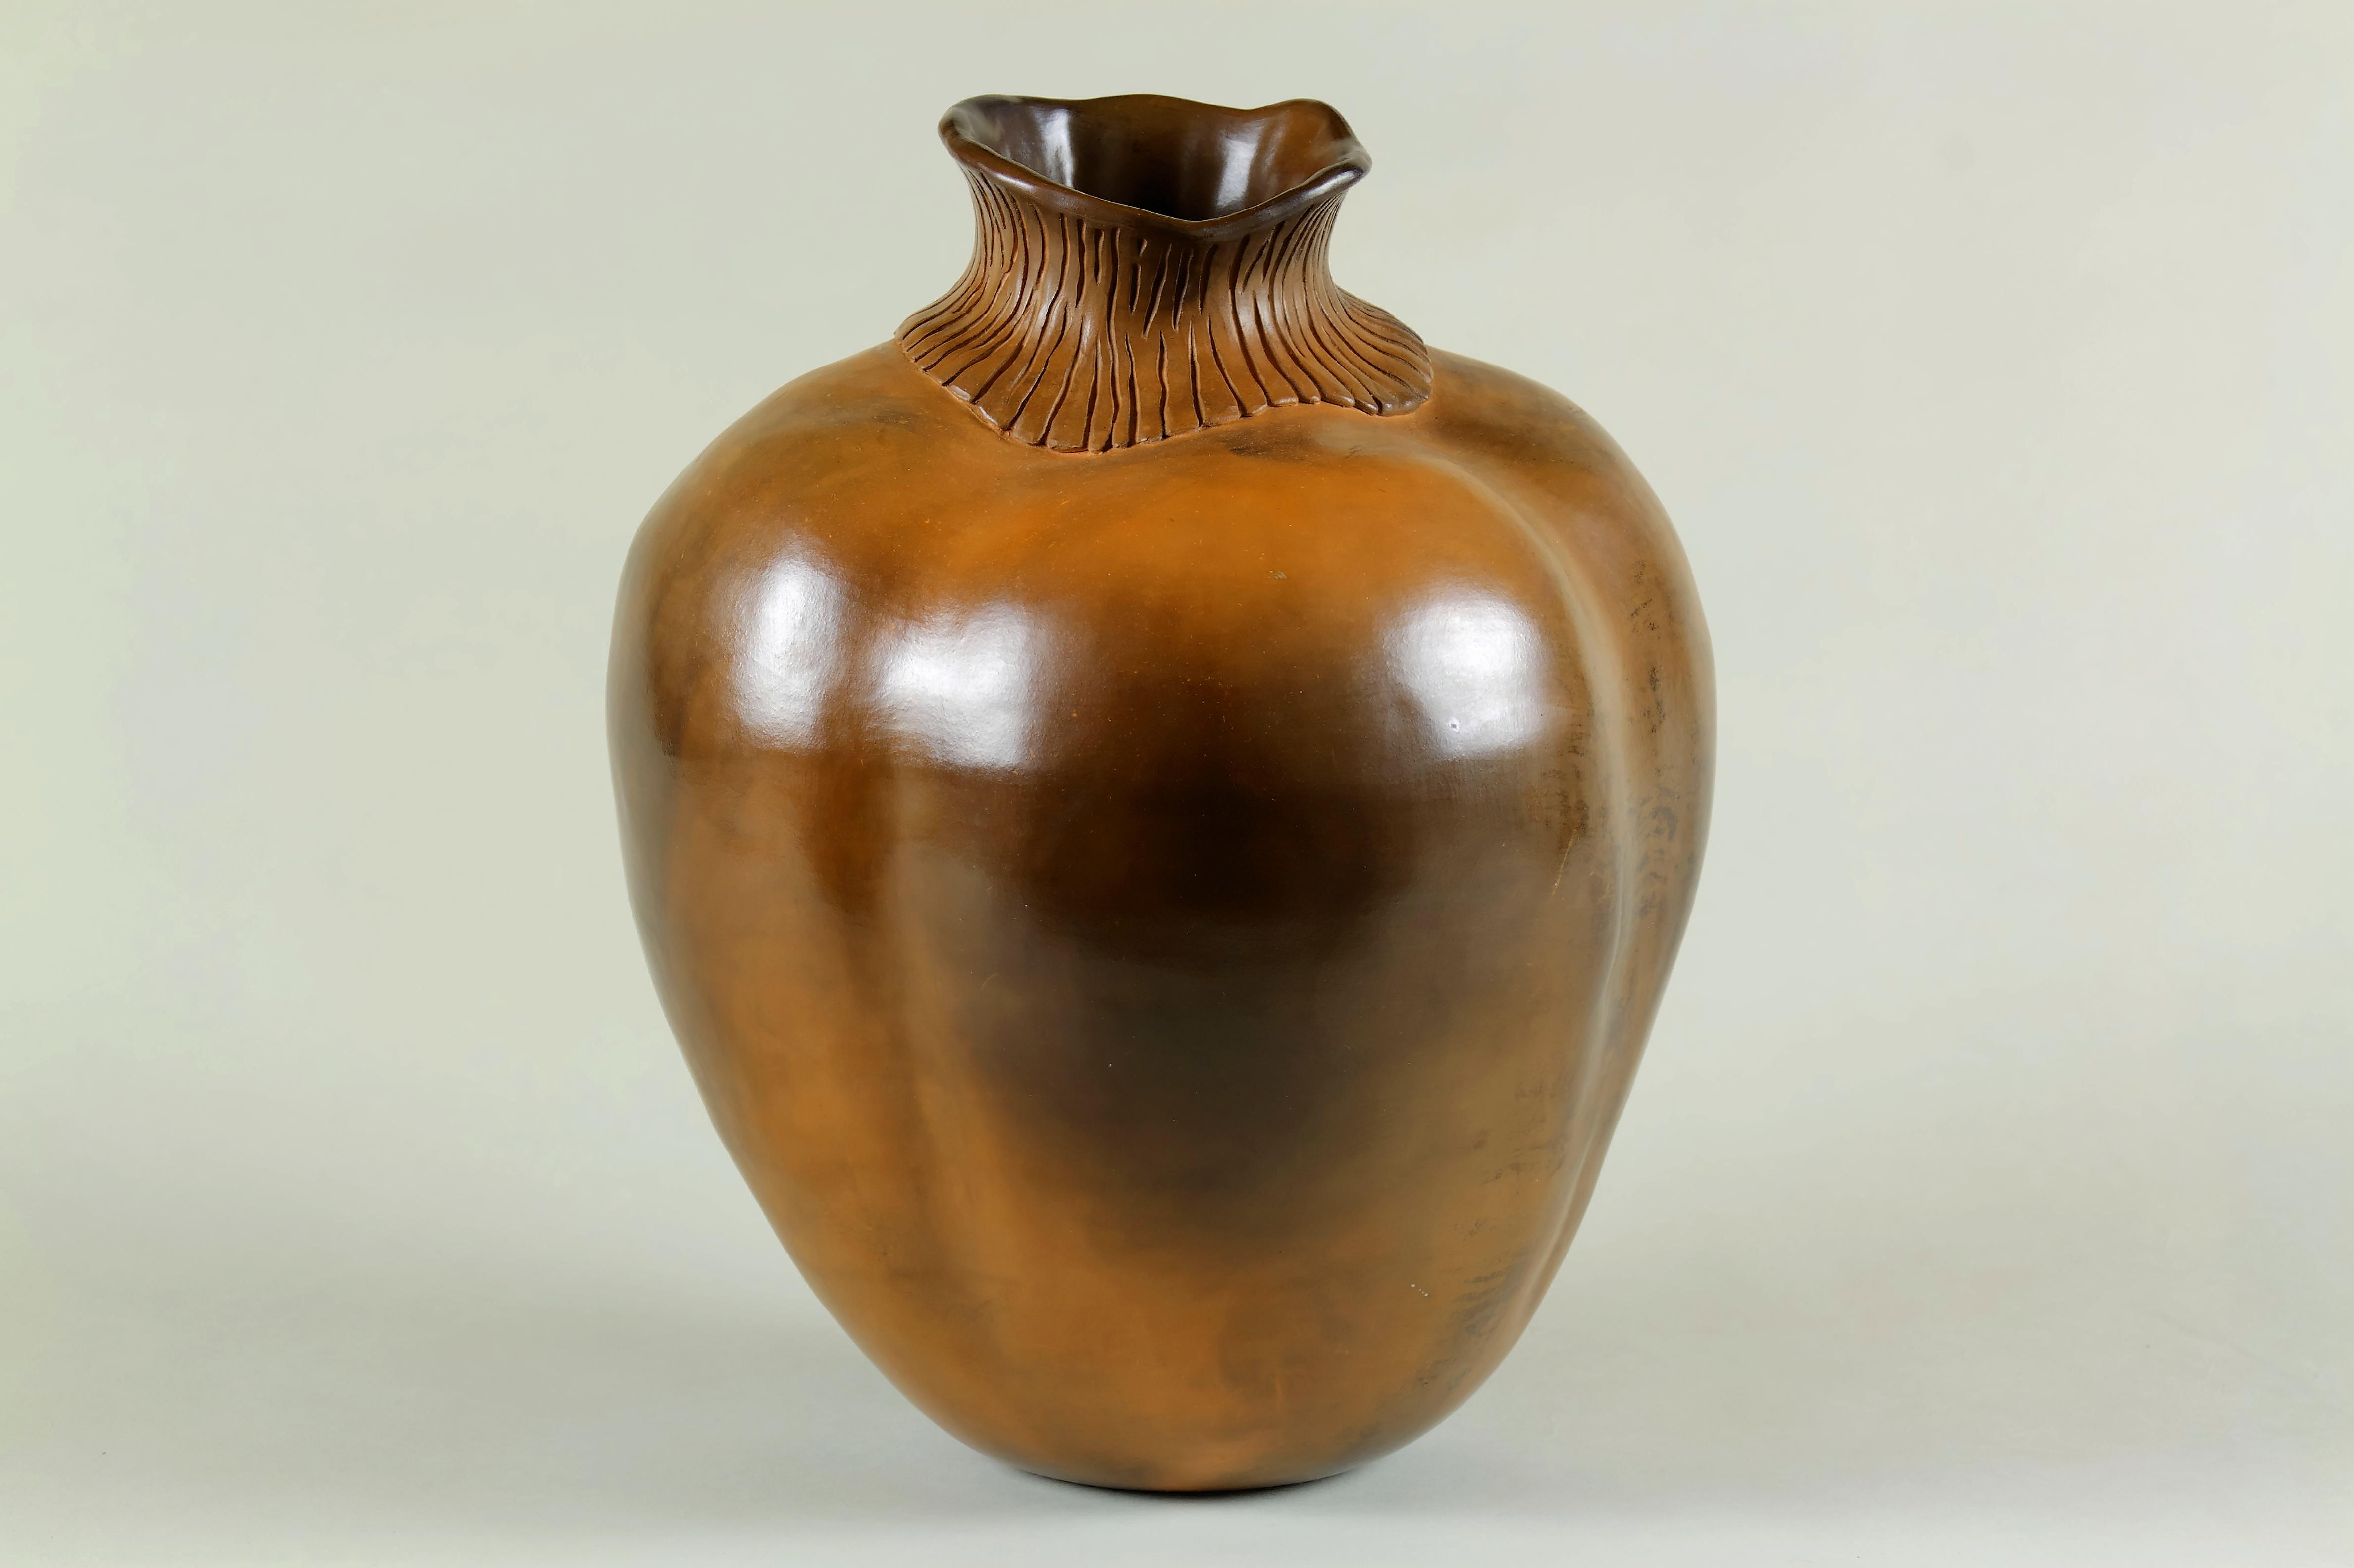 127-Squash jar